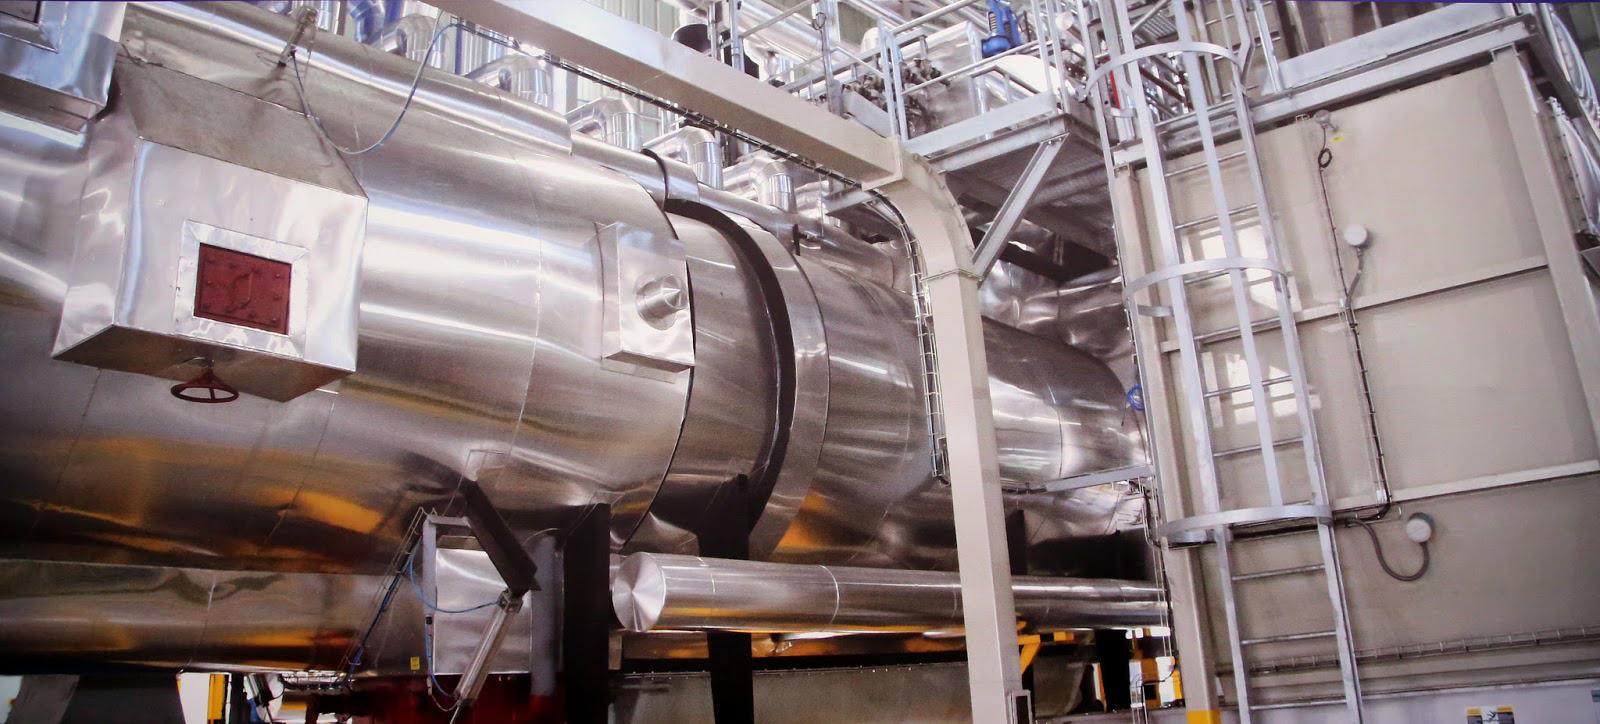 La-cervecería-abre-planta-de-biomasa.jpg